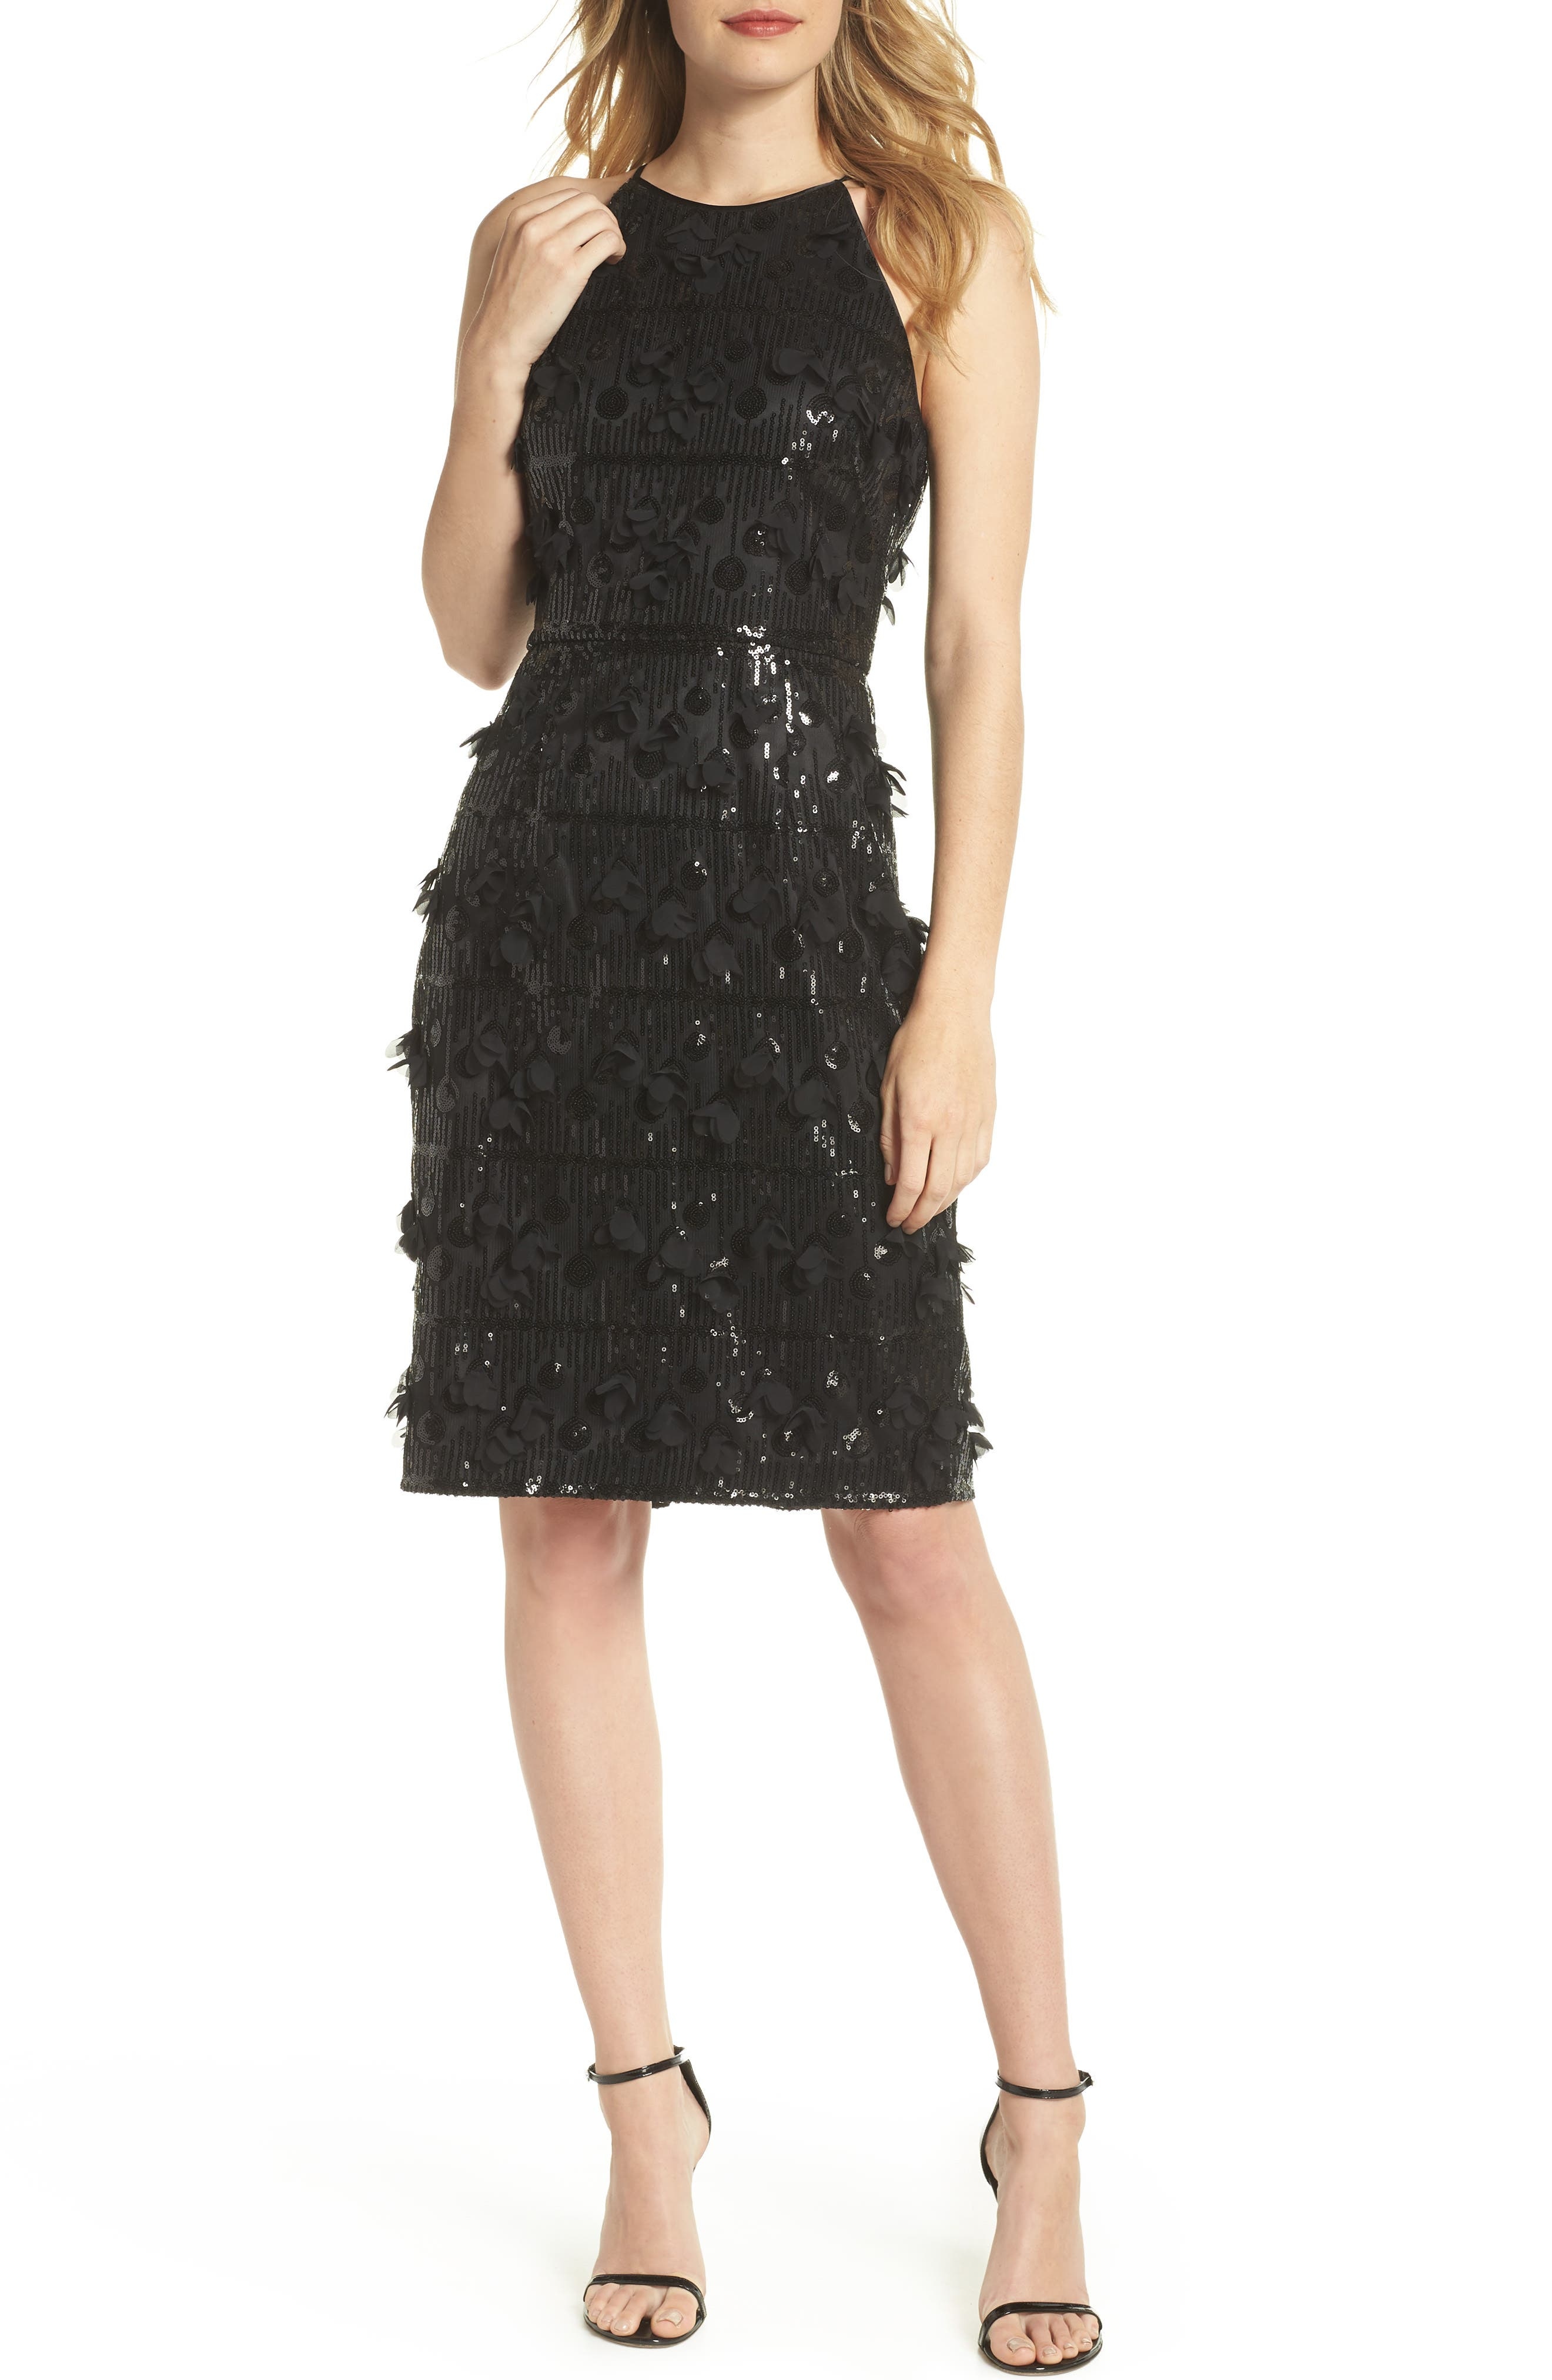 3D Floral & Sequin Cocktail Dress,                         Main,                         color, Black